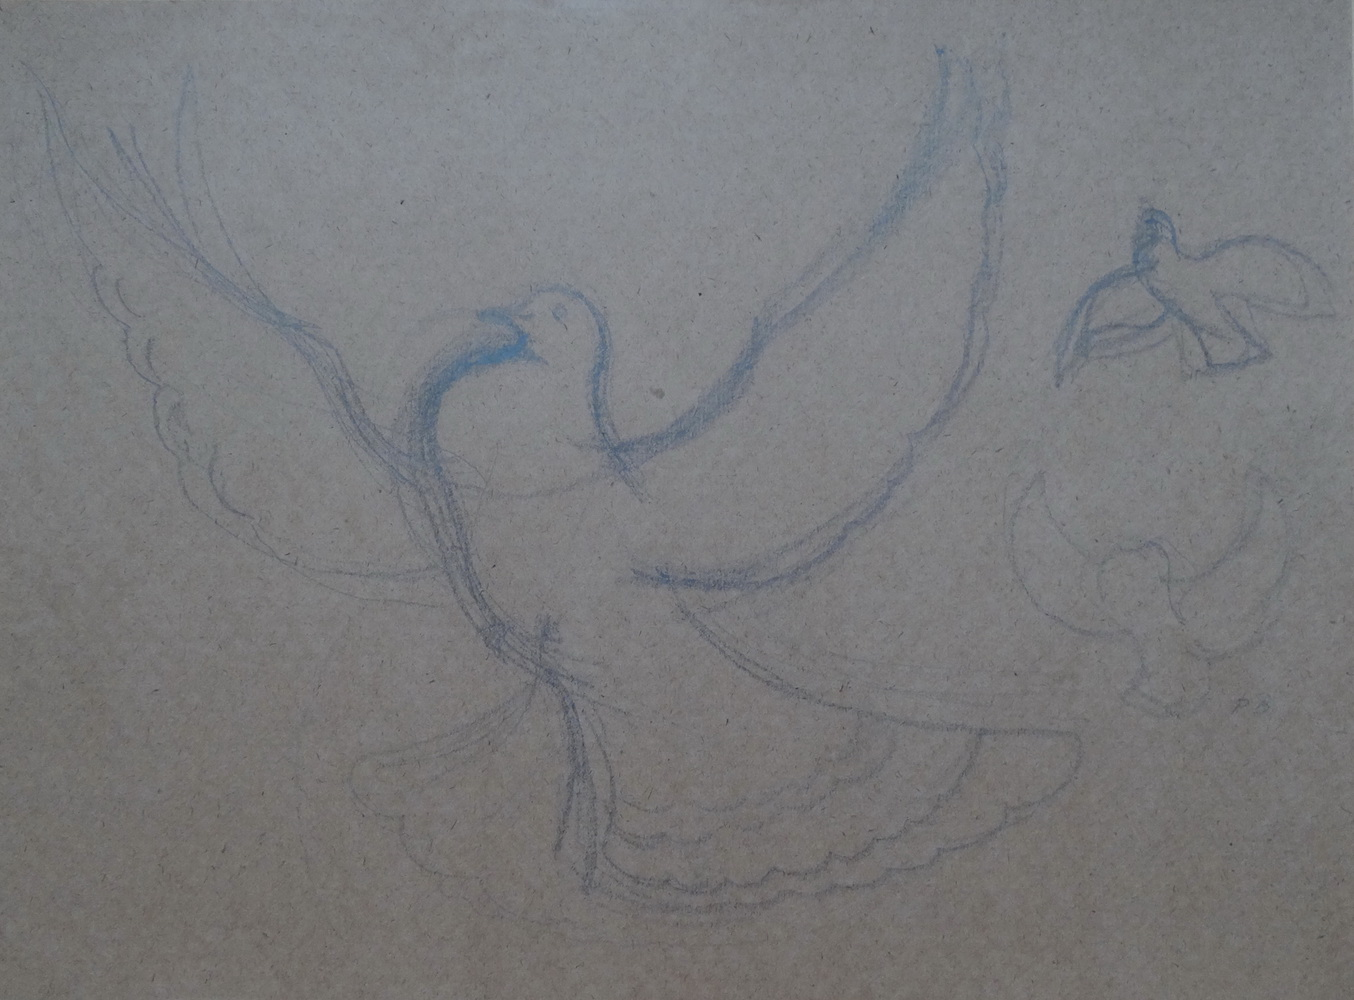 1986, Holub, kresba na papieri, 42 x57 cm